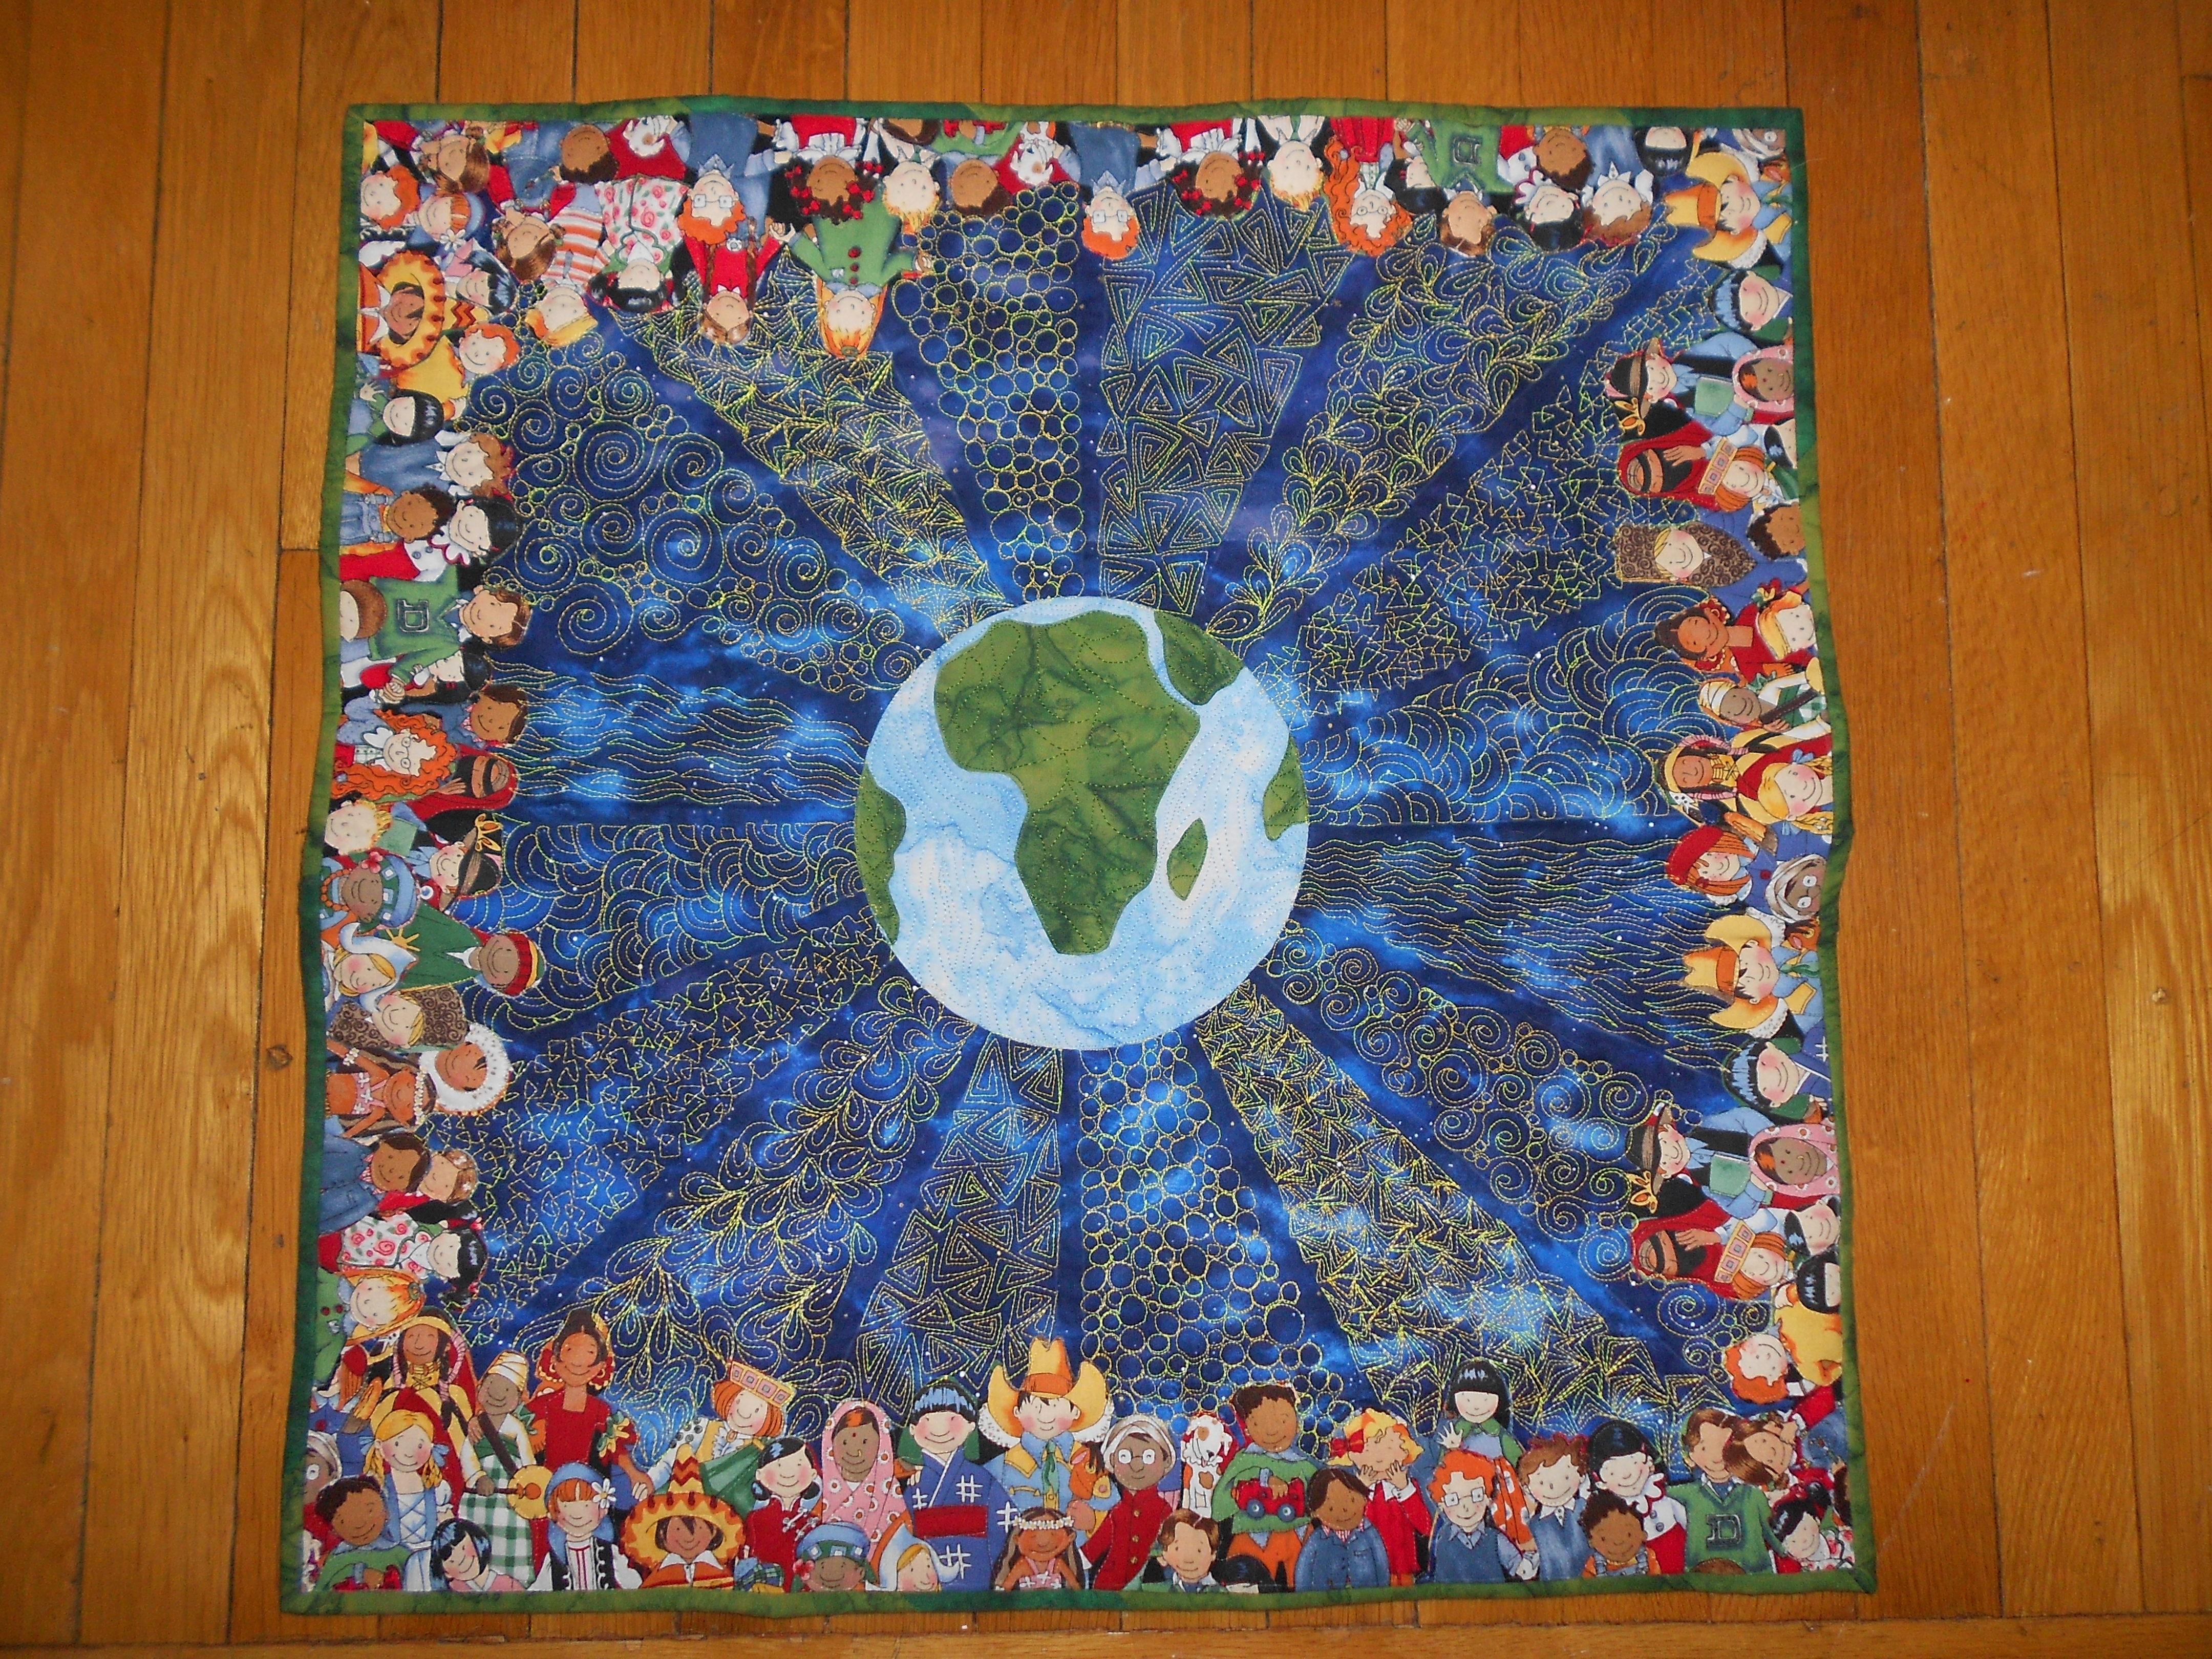 Light=Hope=Light, by Marianne Gravely of Woodbridge, VA